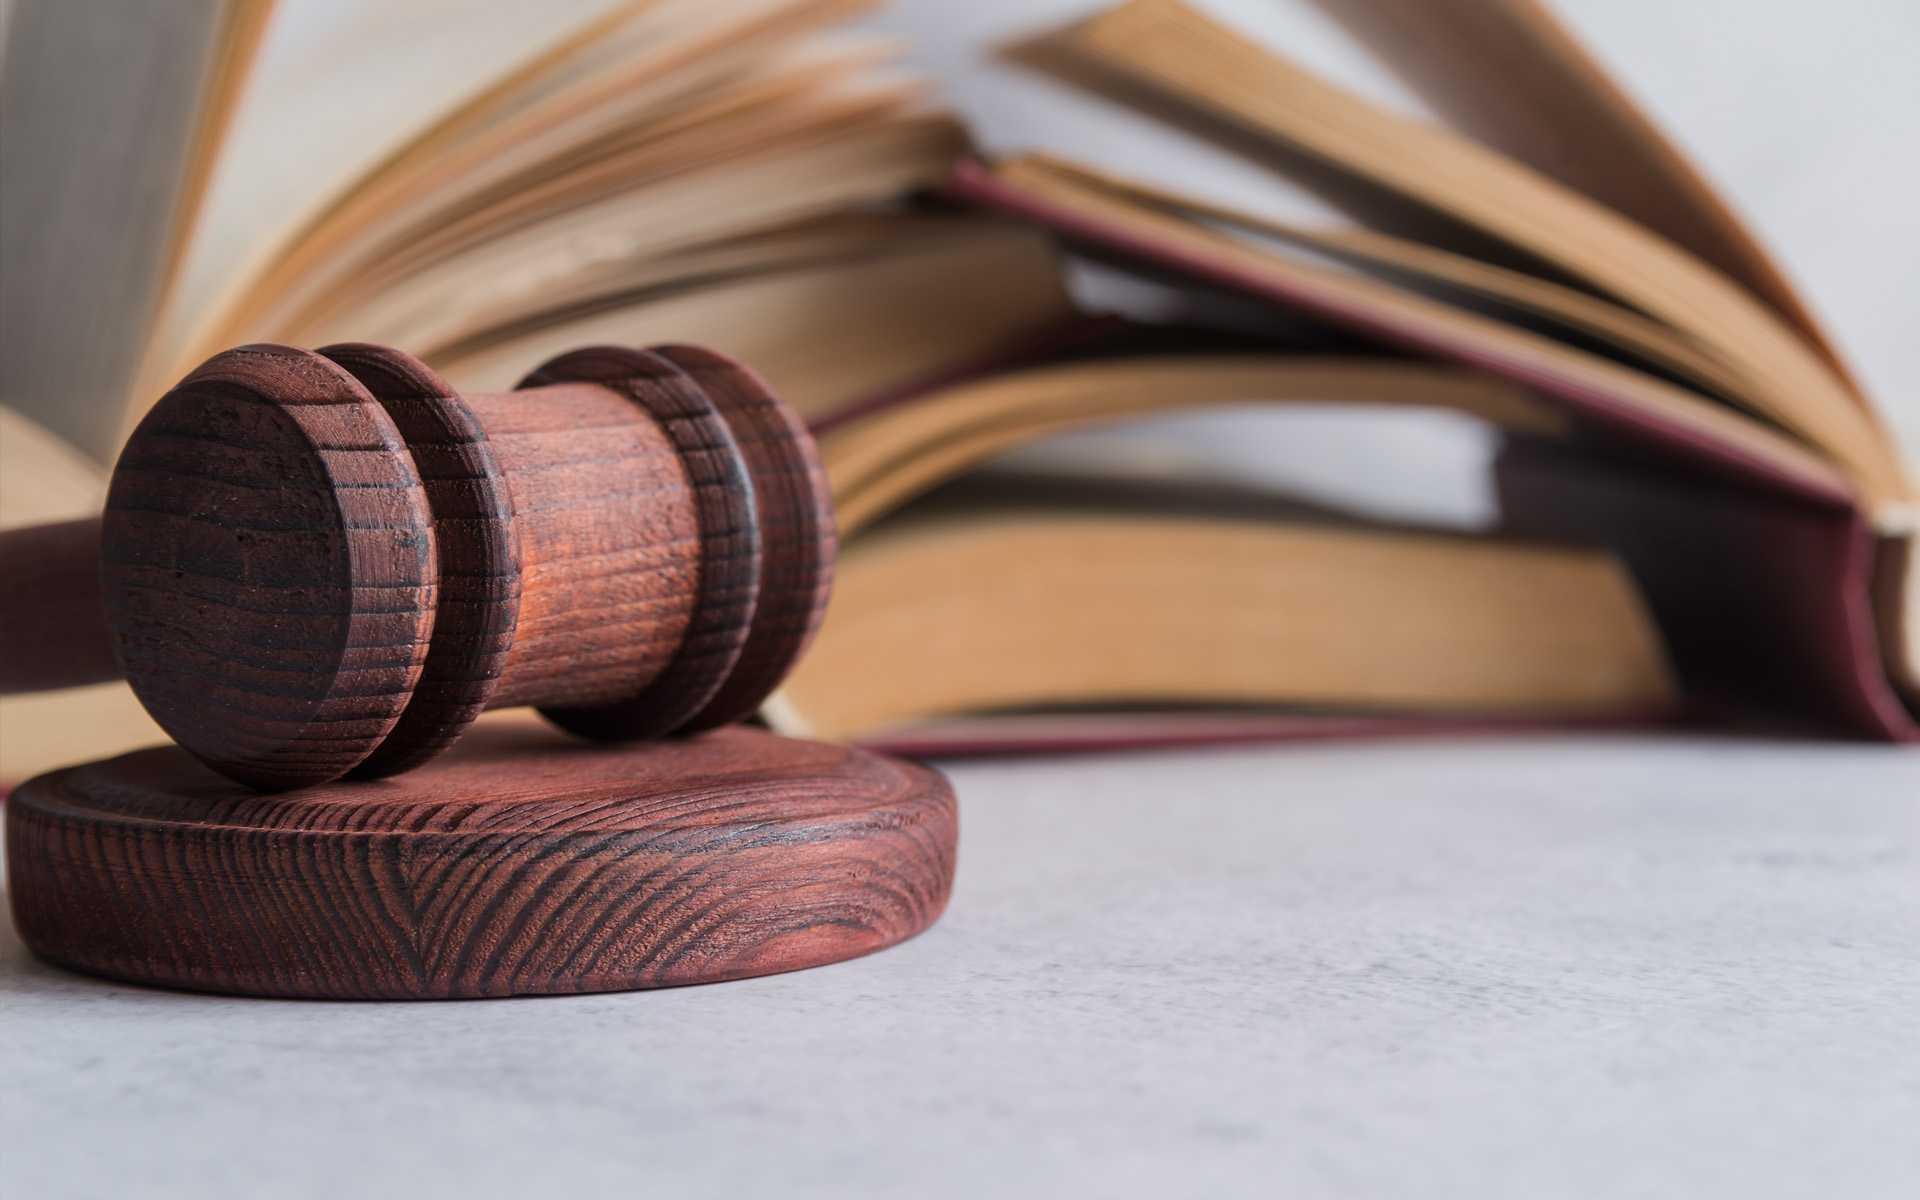 Immobilienmakler Ratgeber - Grundbuch